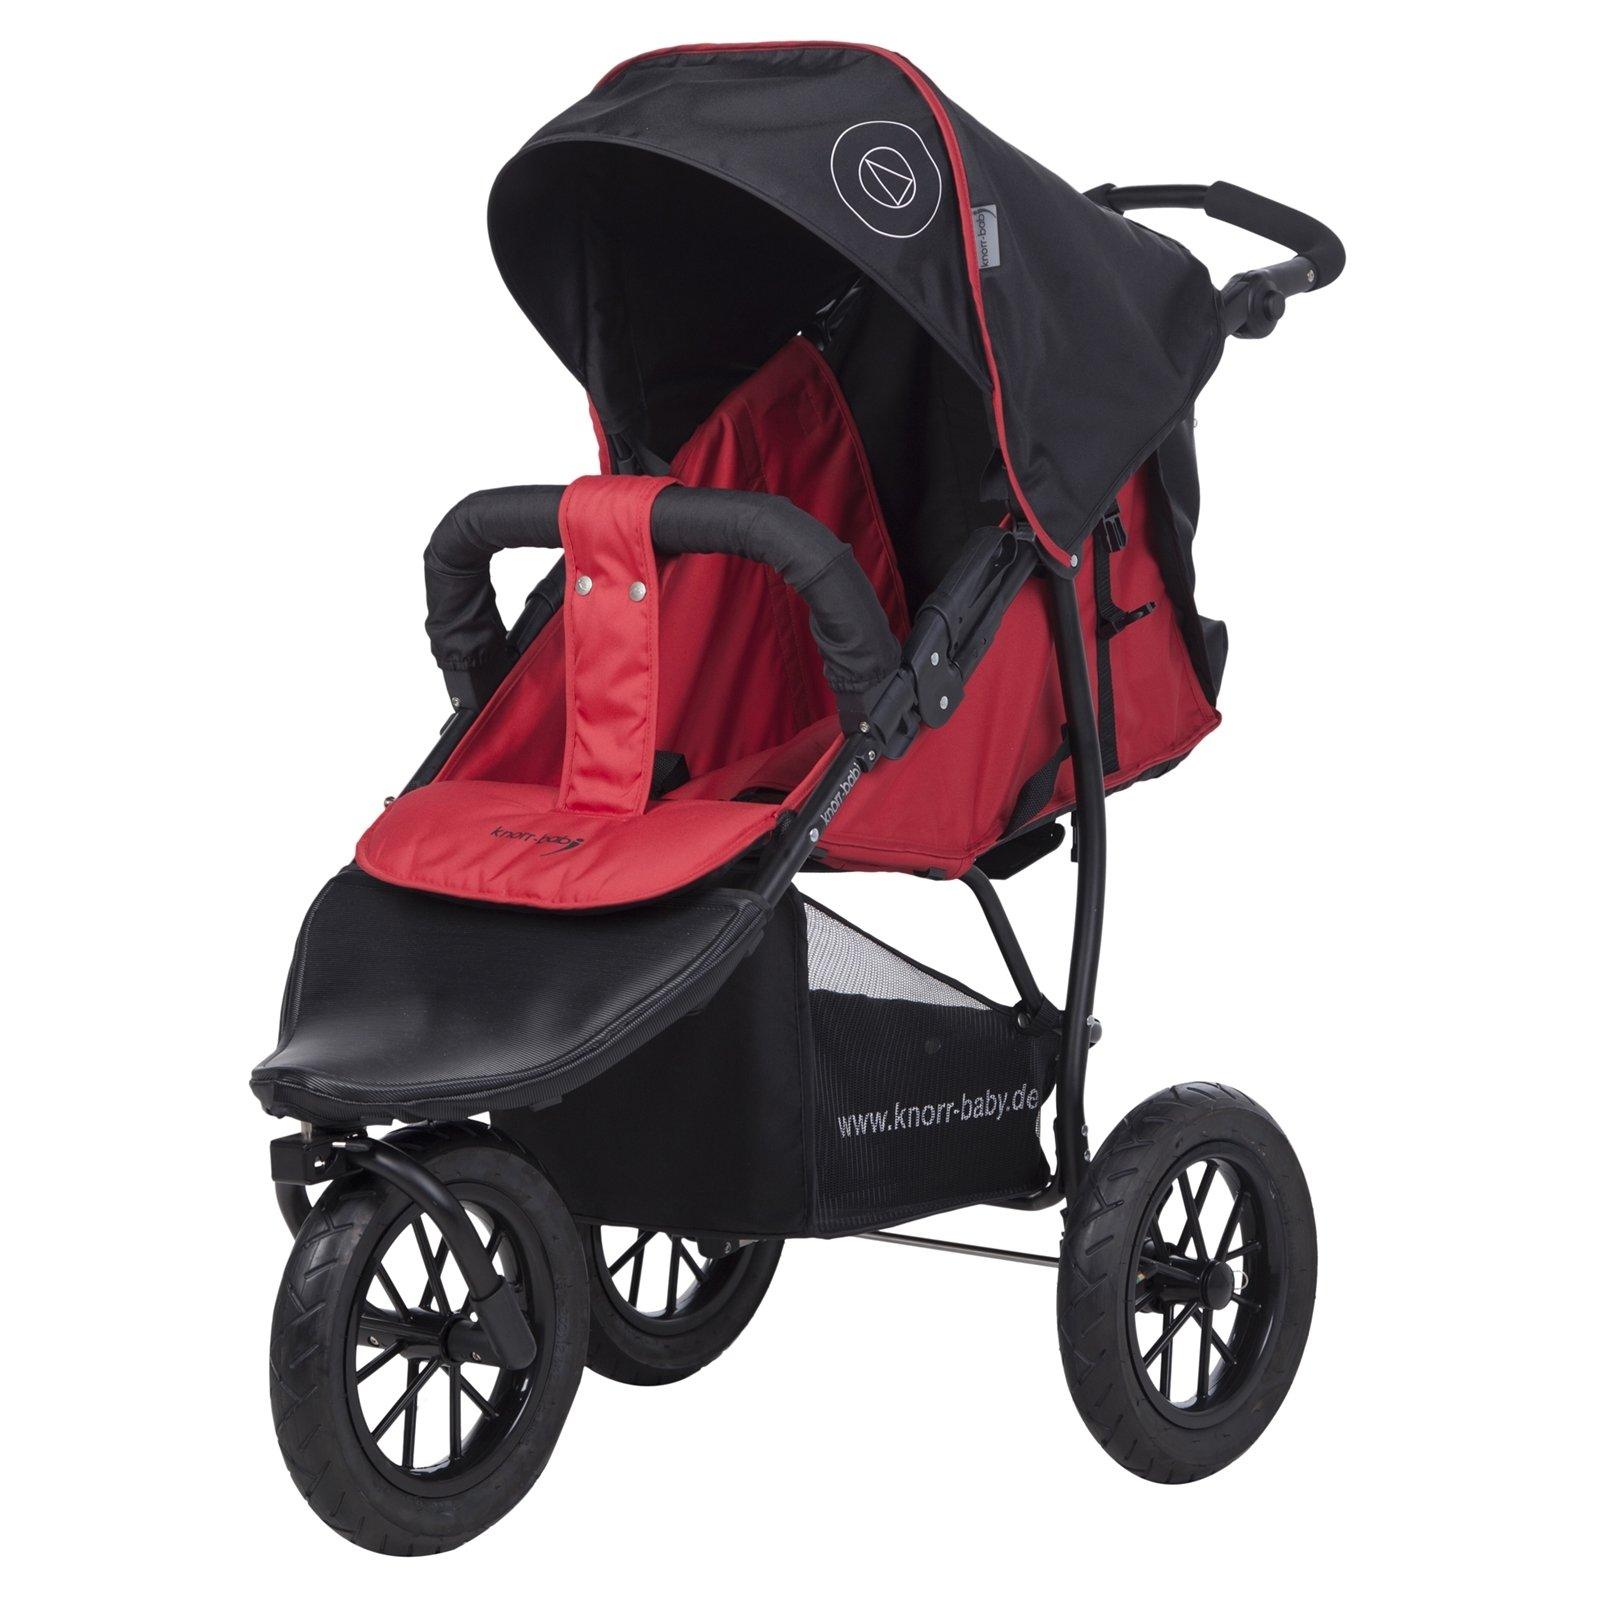 knorr-baby Joggy S Poussette trois roues «Happy Colour» avec capote pour dormir product image